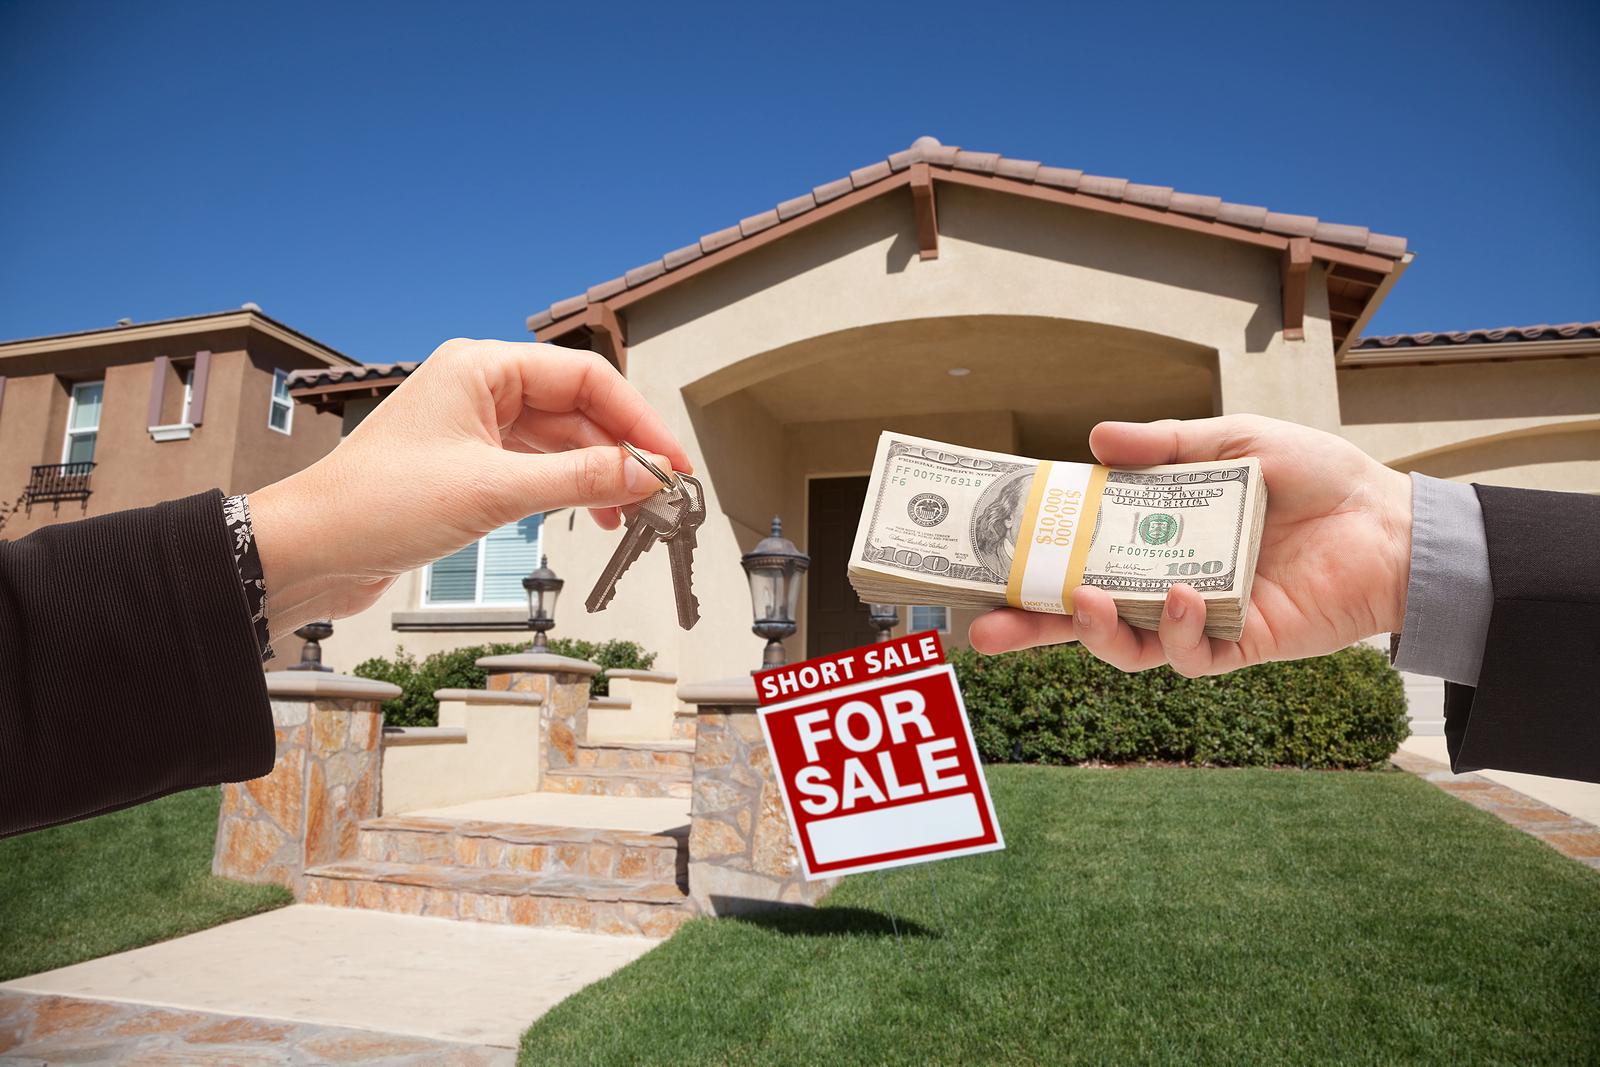 آشنایی با نکات مربوط به فروش آپارتمان 1 1